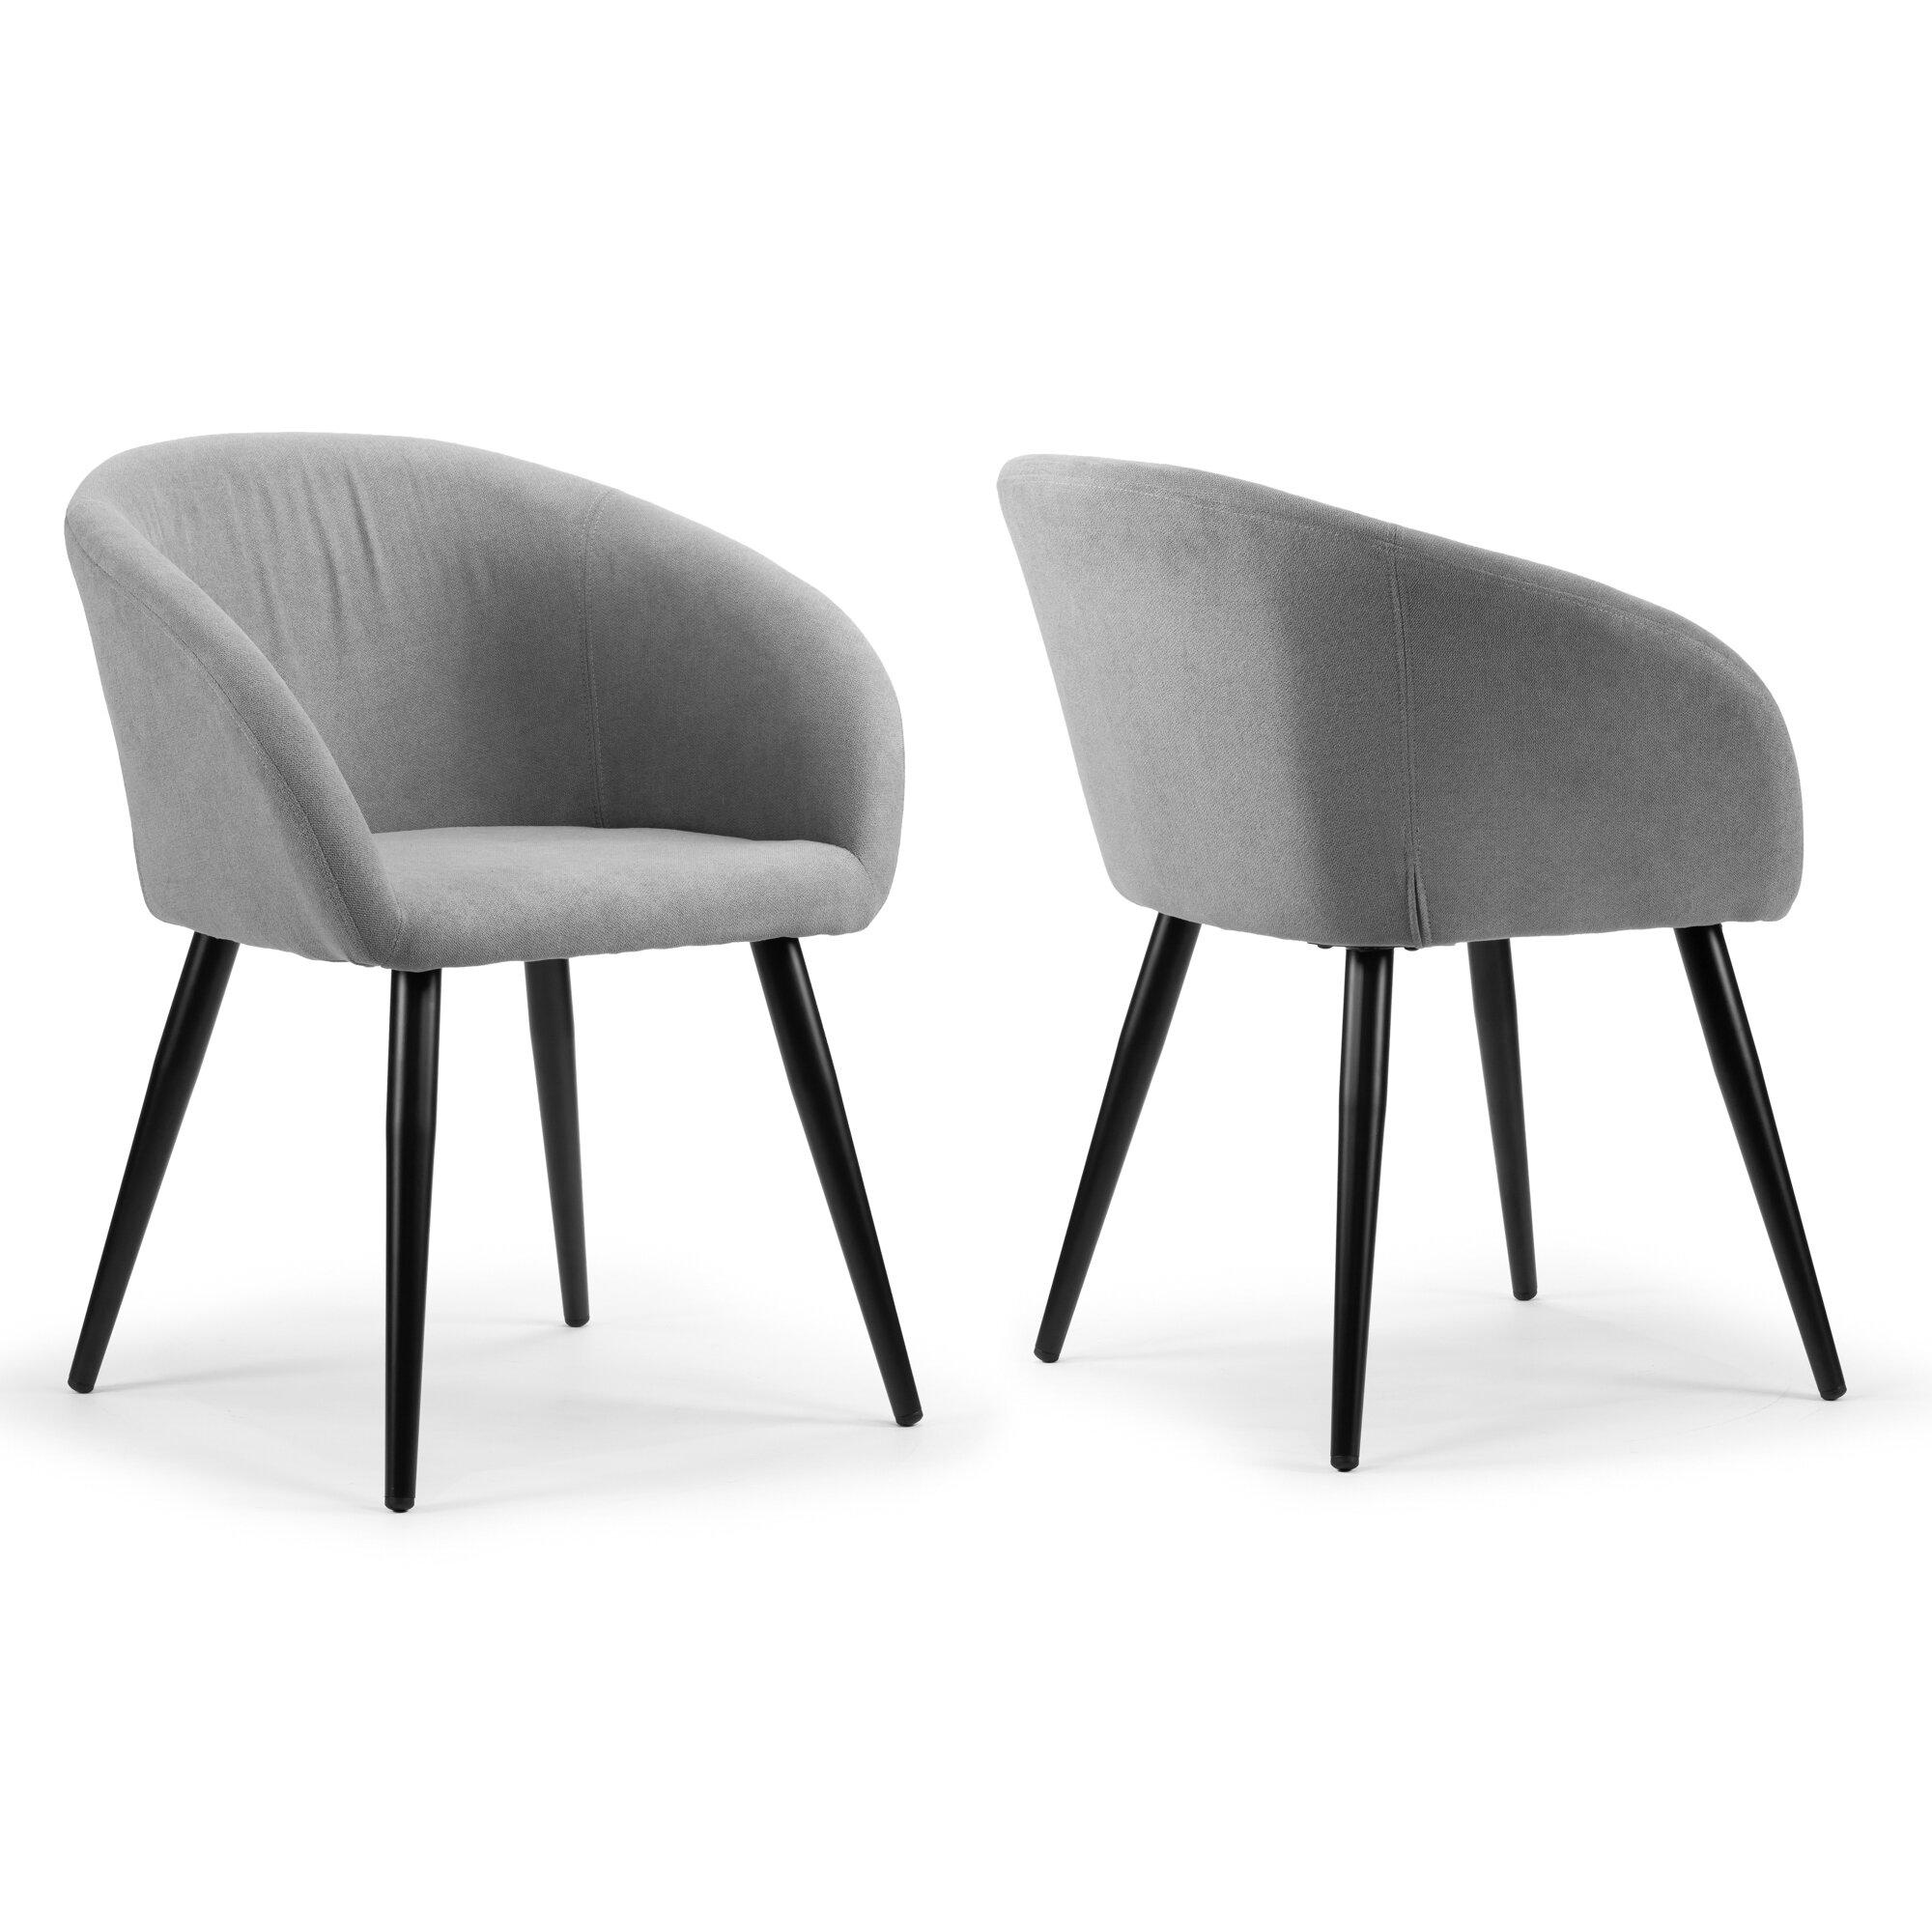 Wrought Studio Fernada Upholstered Dining Chair Reviews Wayfair